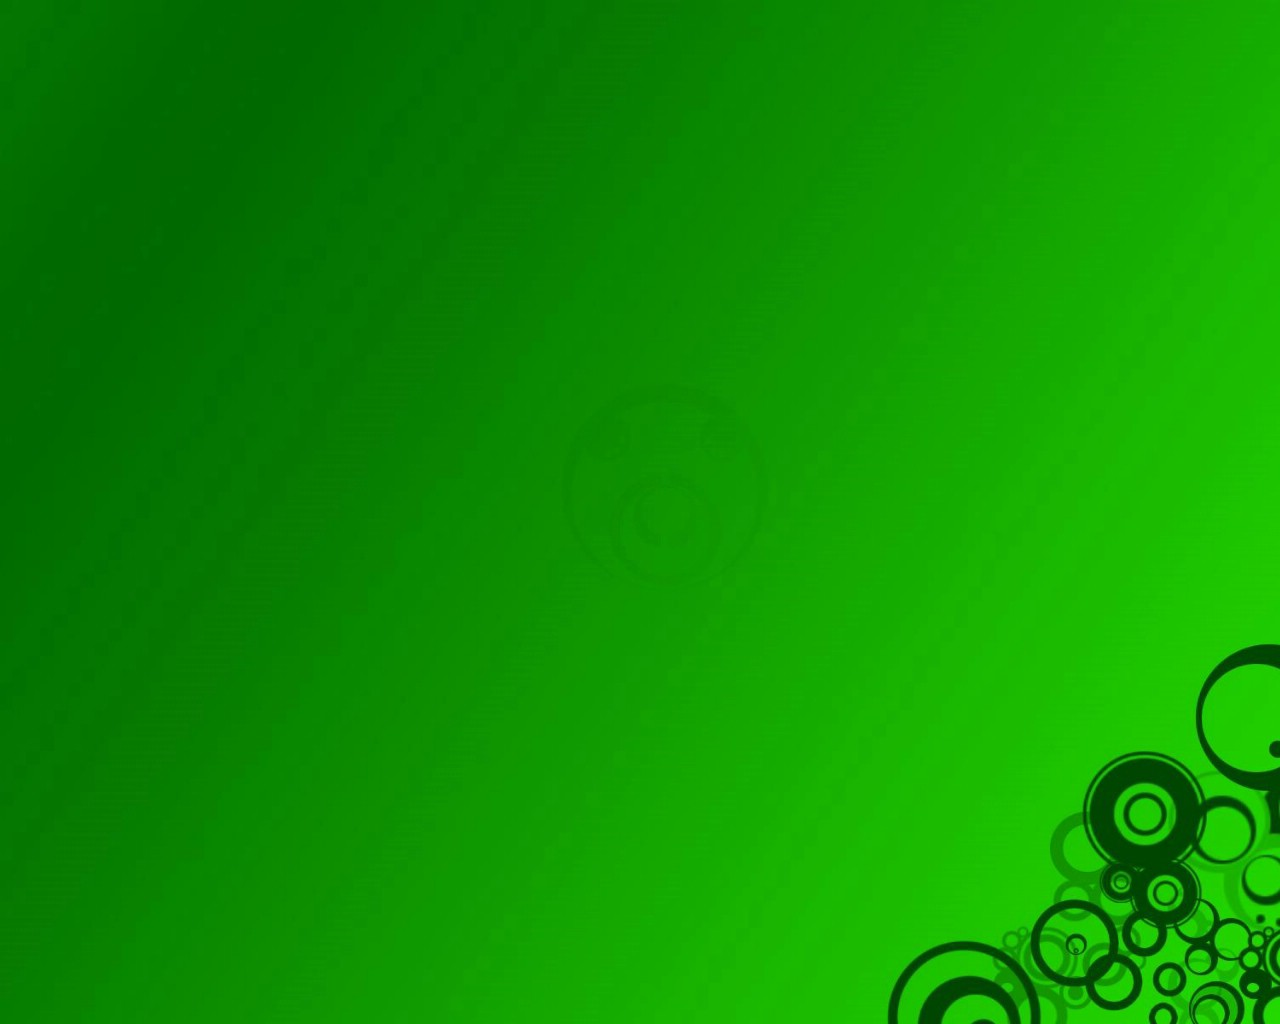 绿色桌面背景图片_绿色植物图片_绿色环保图片_墨绿色